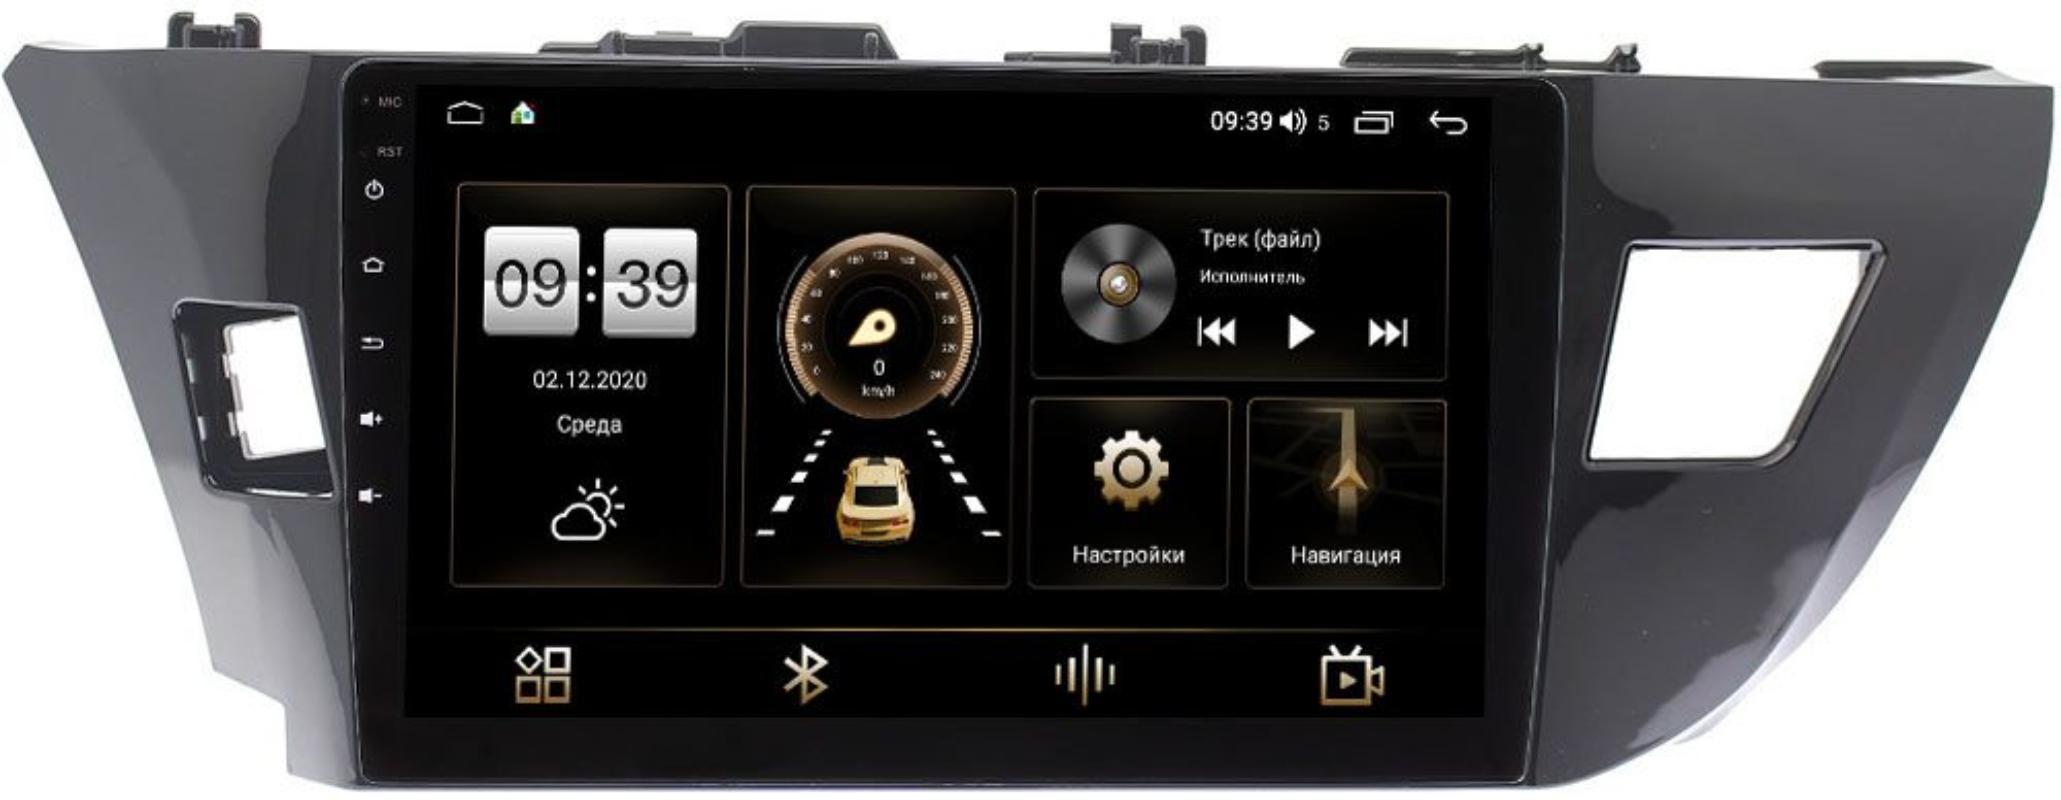 Штатная магнитола Toyota Corolla XI 2013-2015 LeTrun 4195-1026 на Android 10 (6/128, DSP, QLed) С оптическим выходом (для авто с камерой) (+ Камера заднего вида в подарок!)